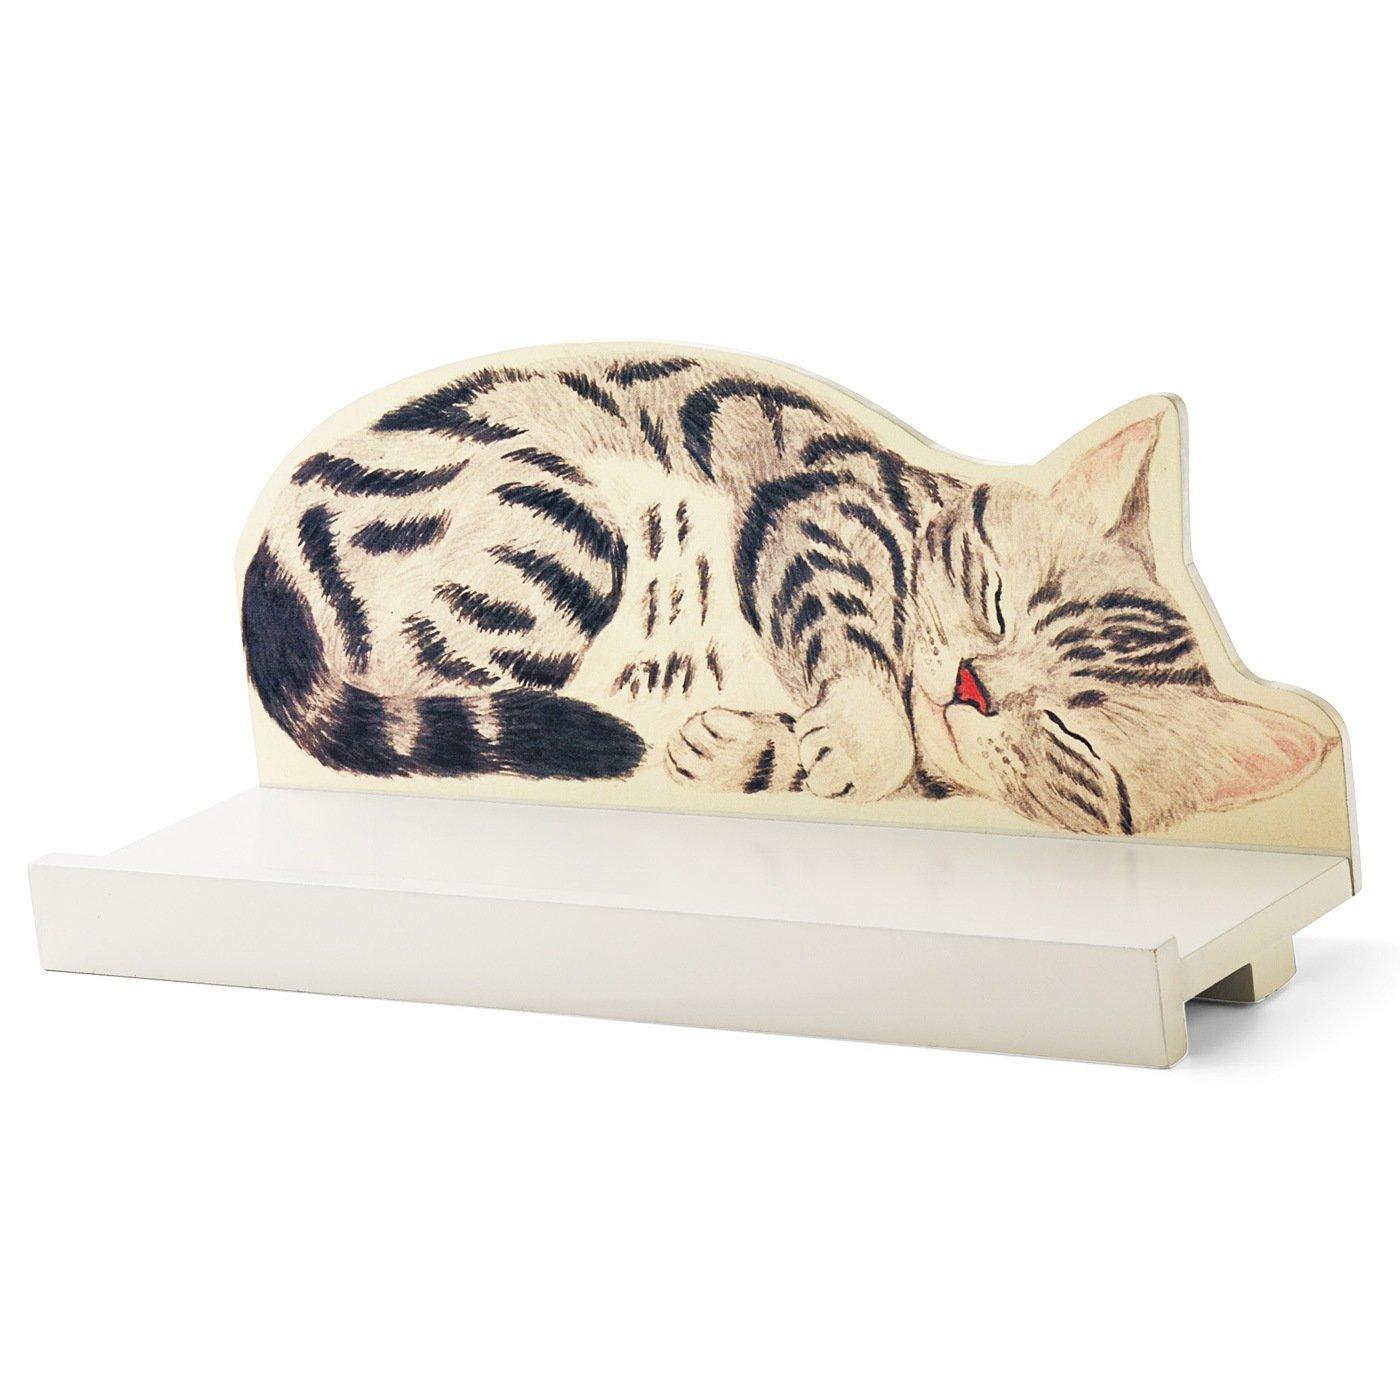 YOU+MORE! 高い所ですやすや眠る 猫のカーテンレール ディスプレイ棚の会